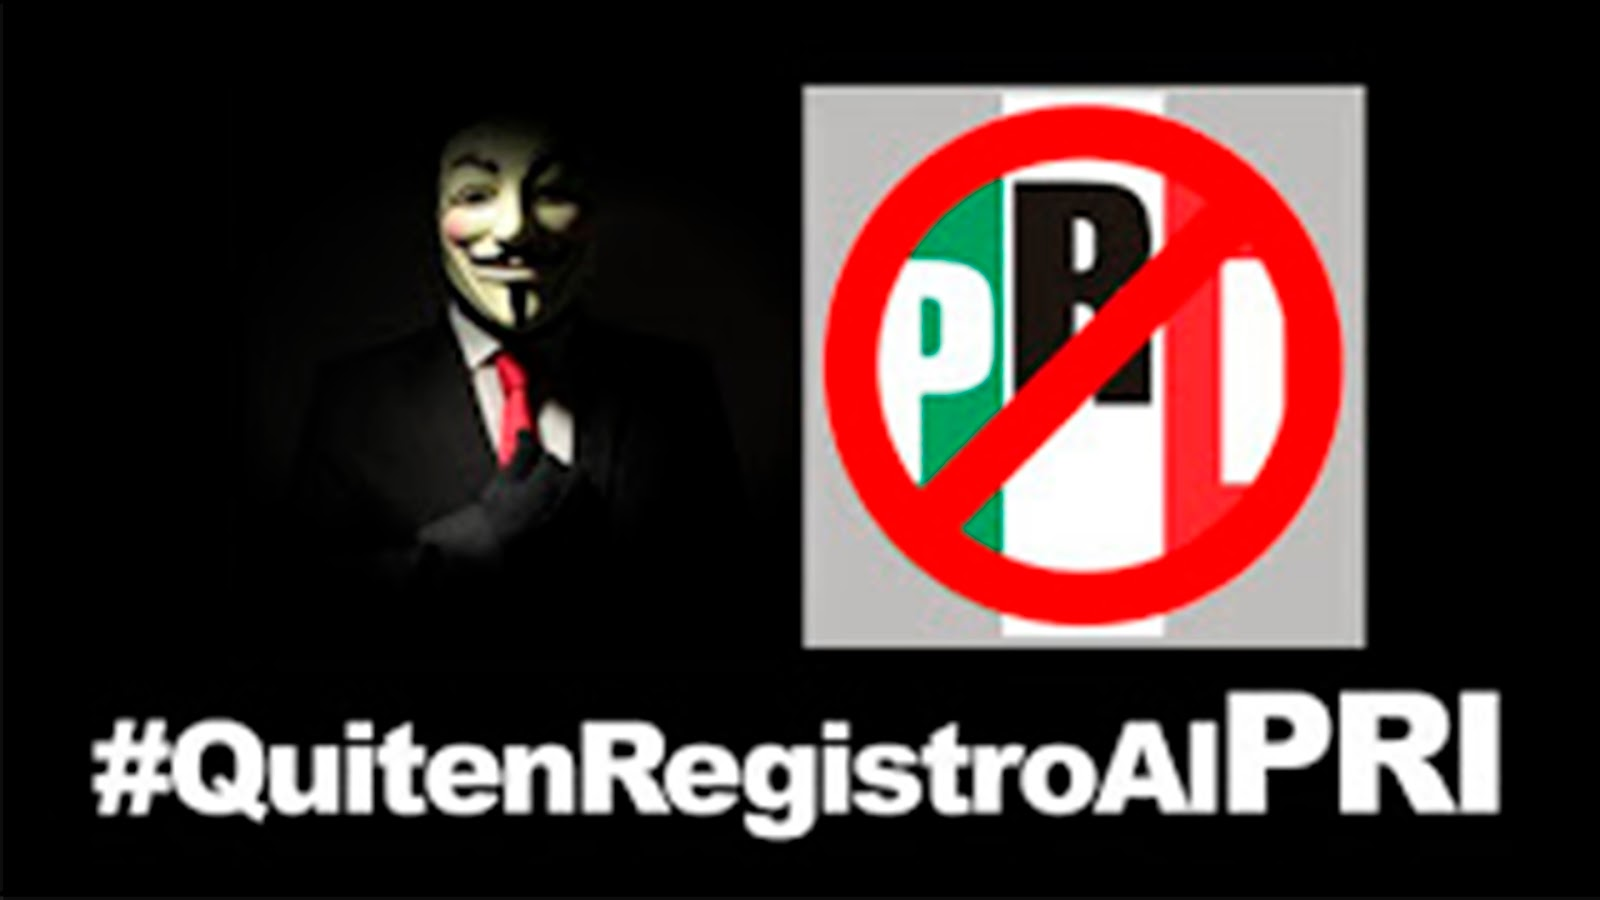 Lanzan petición para quitarle el registro al PRI: ¿Estas de acuerdo? Firma la petición.